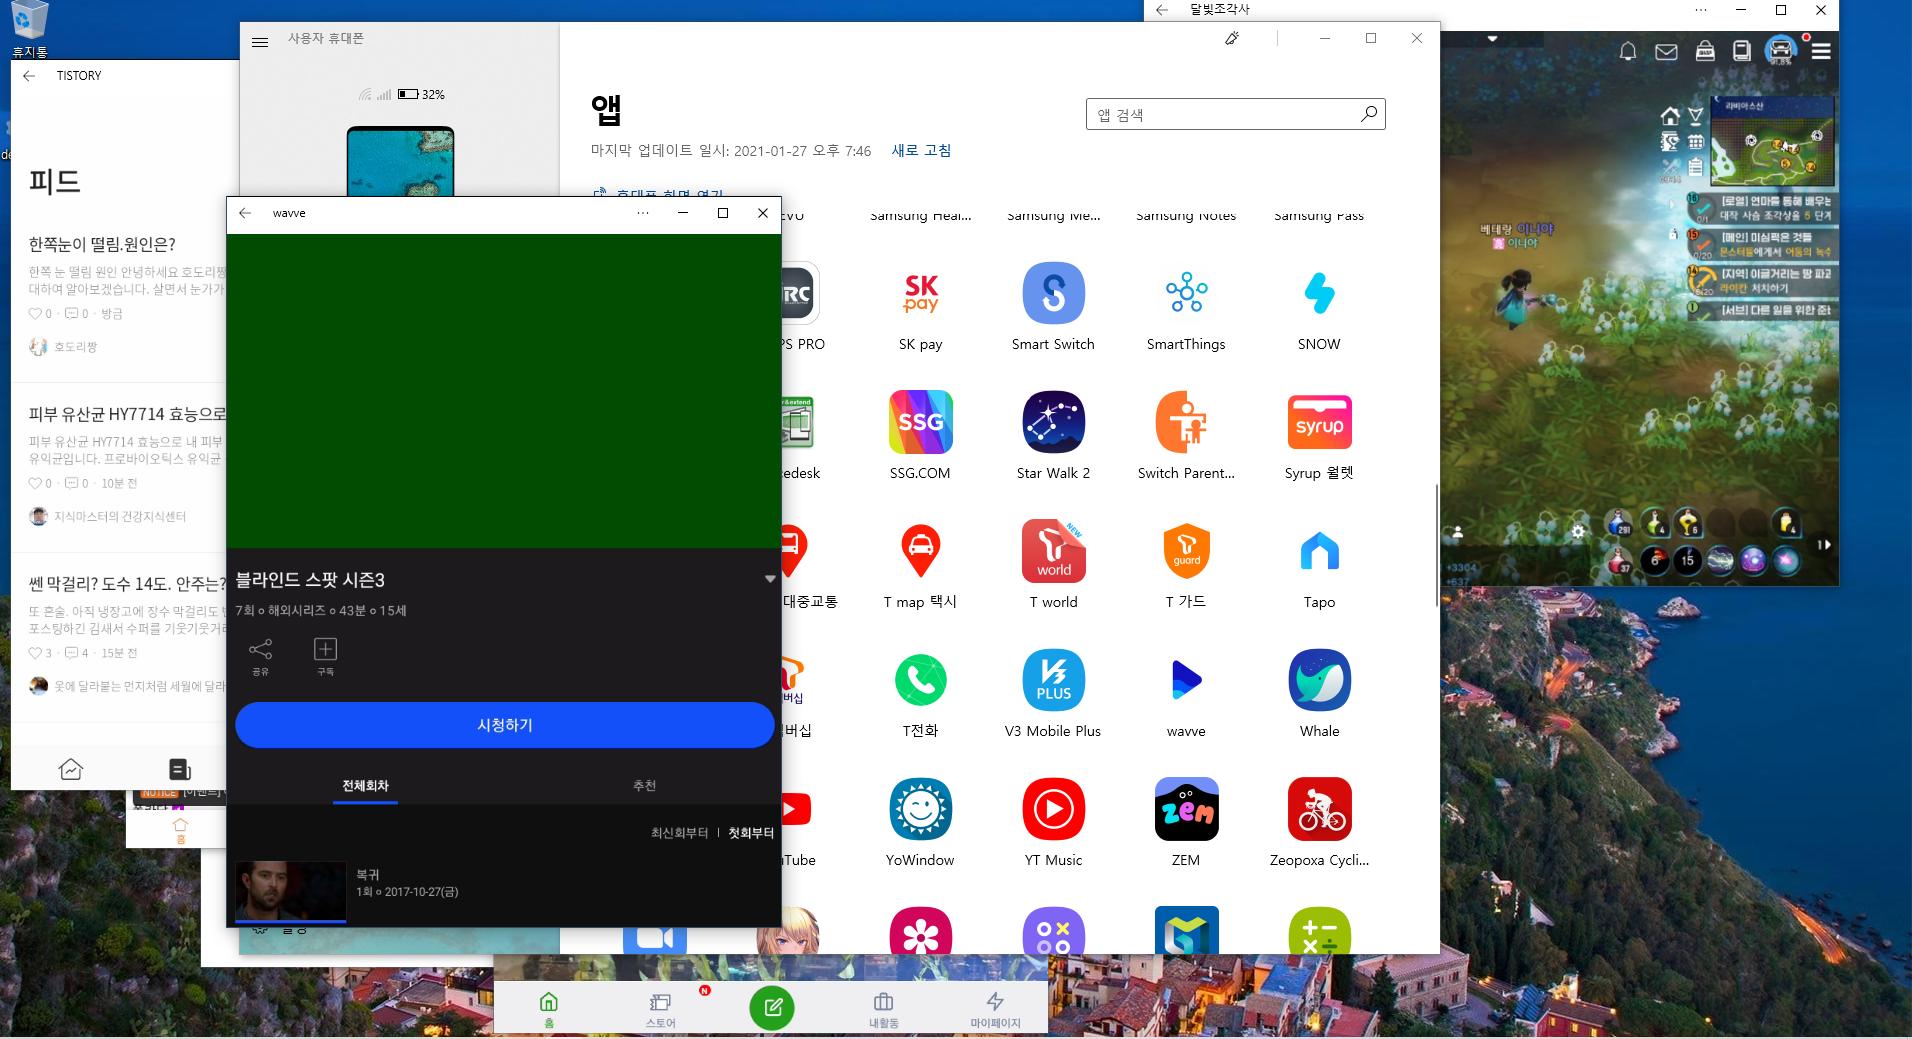 윈도우10 에서 웨이브 앱 실행